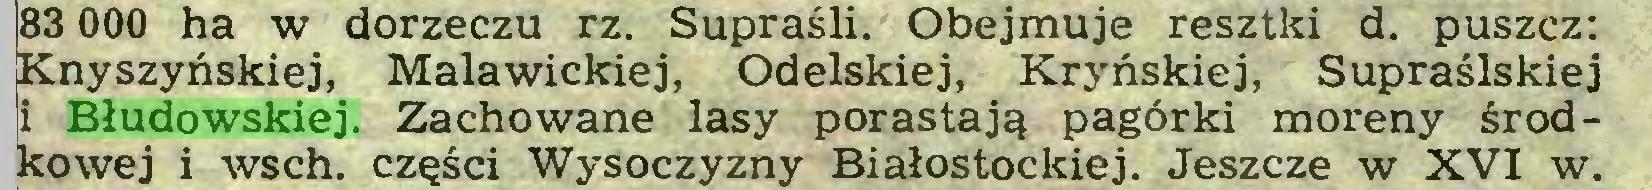 (...) 83 000 ha w dorzeczu rz. Supraśli. Obejmuje resztki d. puszcz: Knyszyńskiej, Malawickiej, Odelskiej, Kryńskiej, Supraślskiej i Błudowskiej. Zachowane lasy porastają pagórki moreny środkowej i wsch. części Wysoczyzny Białostockiej. Jeszcze w XVI w...